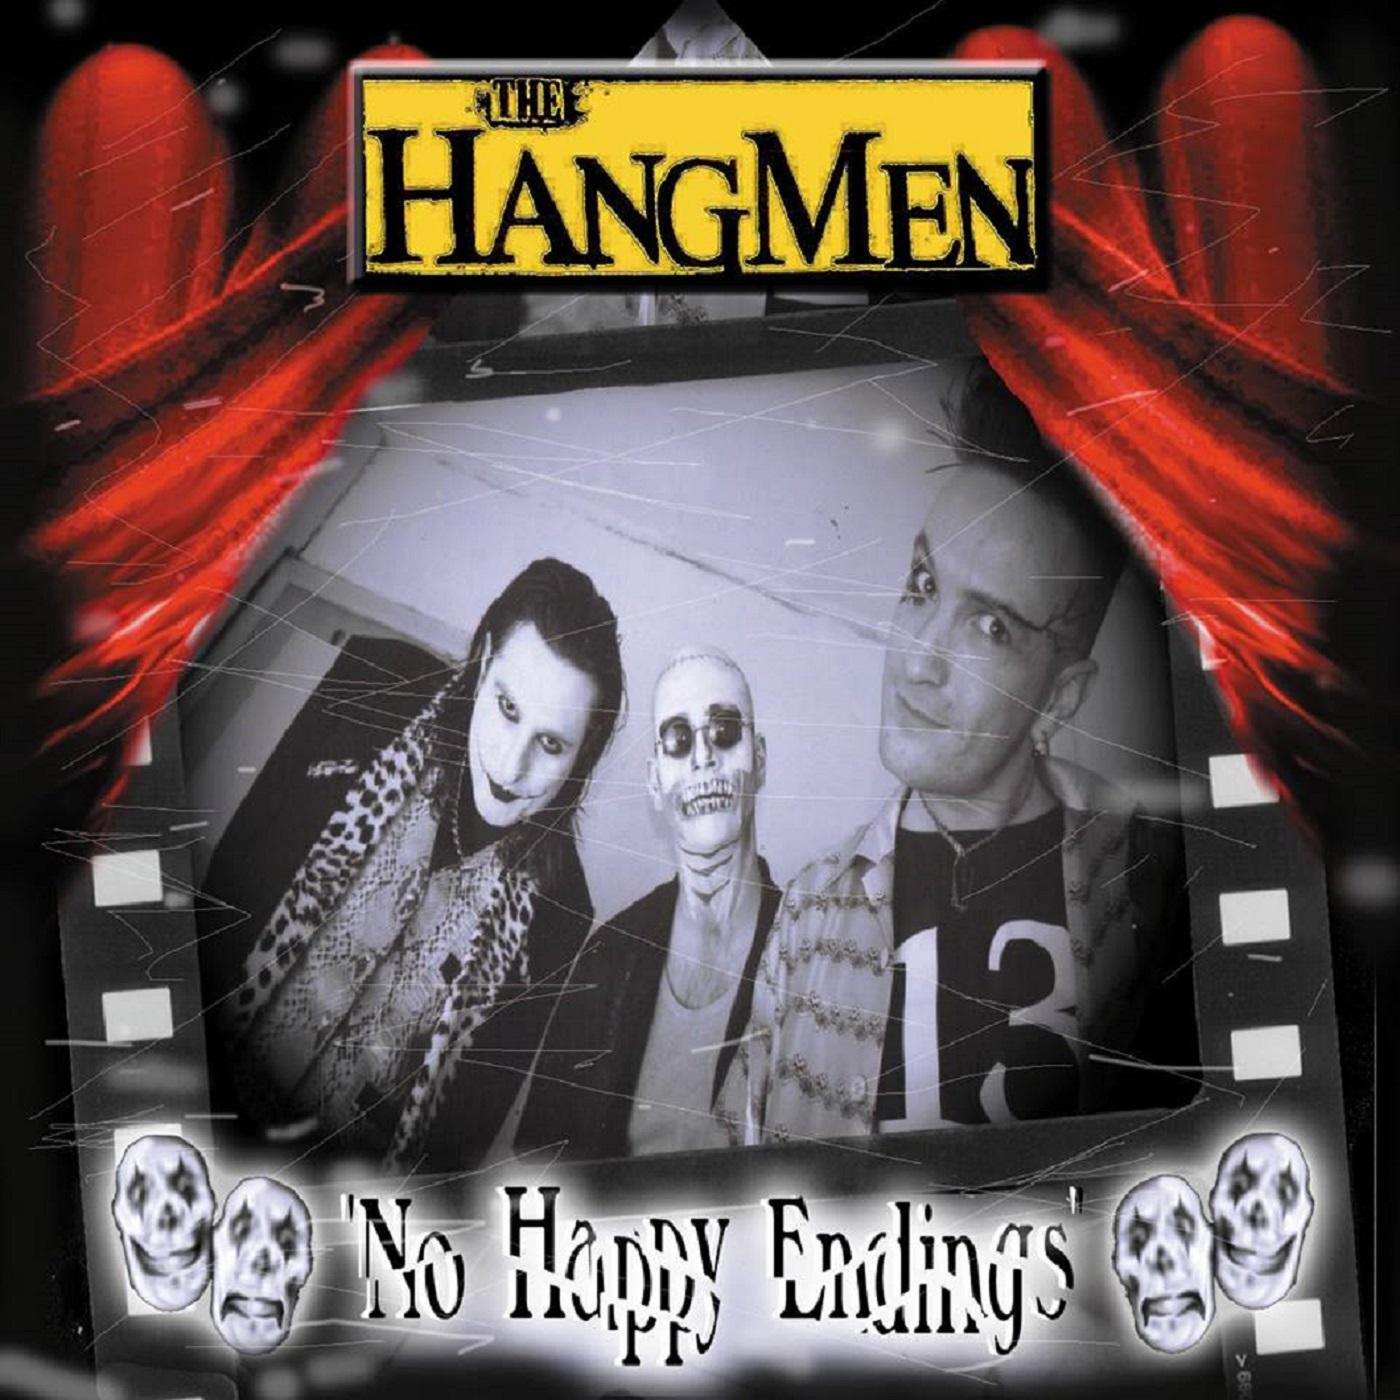 No Happy Endings - Full Album Download - The Hangmen